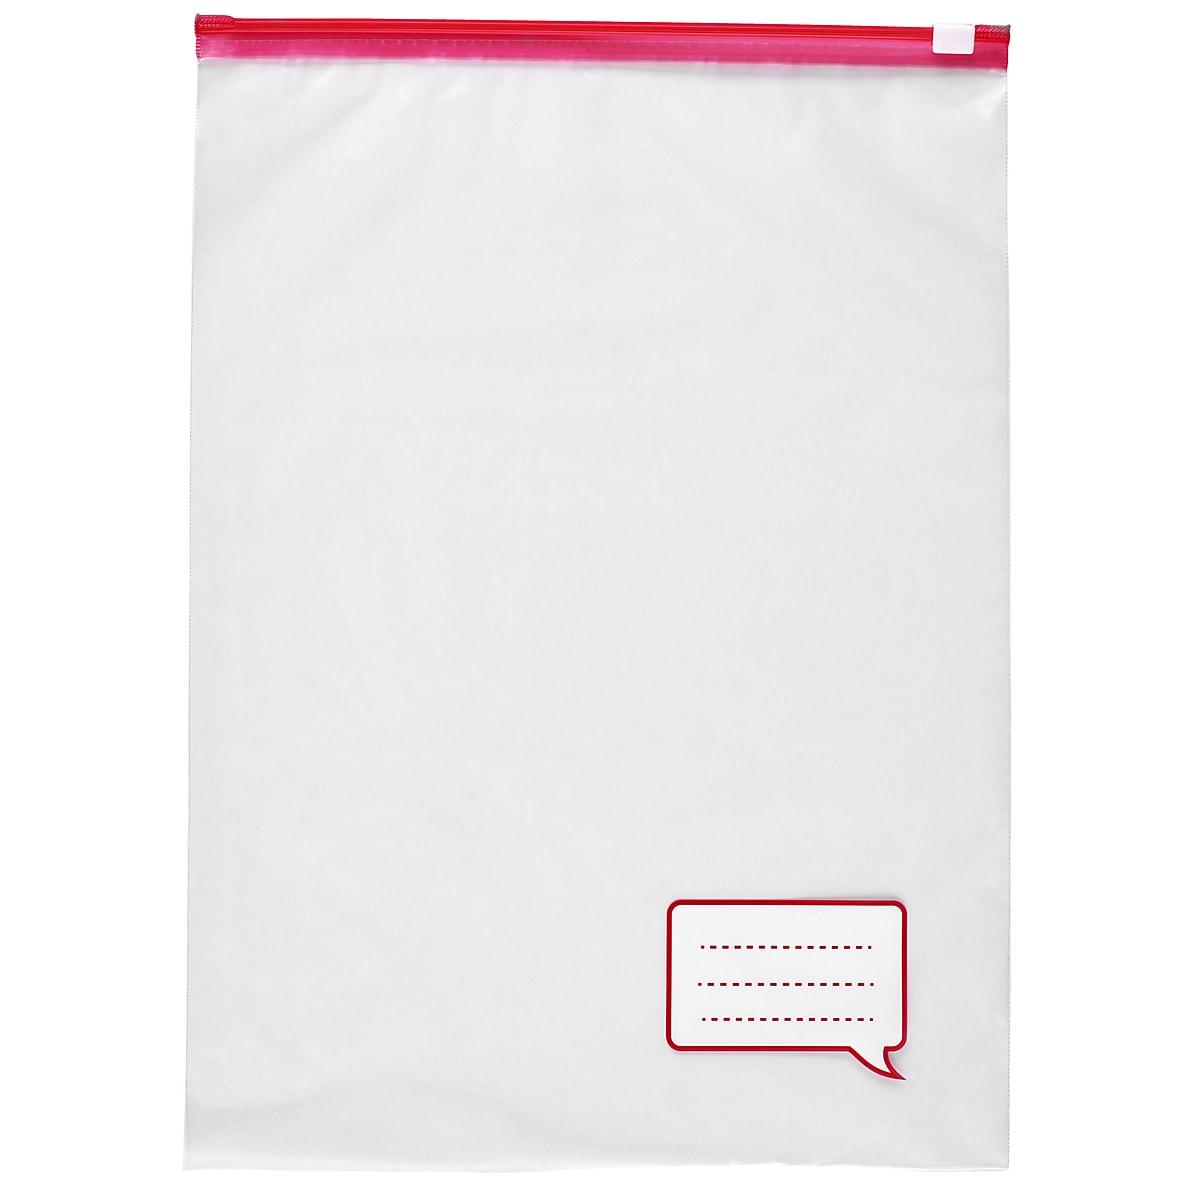 Återförslutningsbara fryspåsar 15-pack